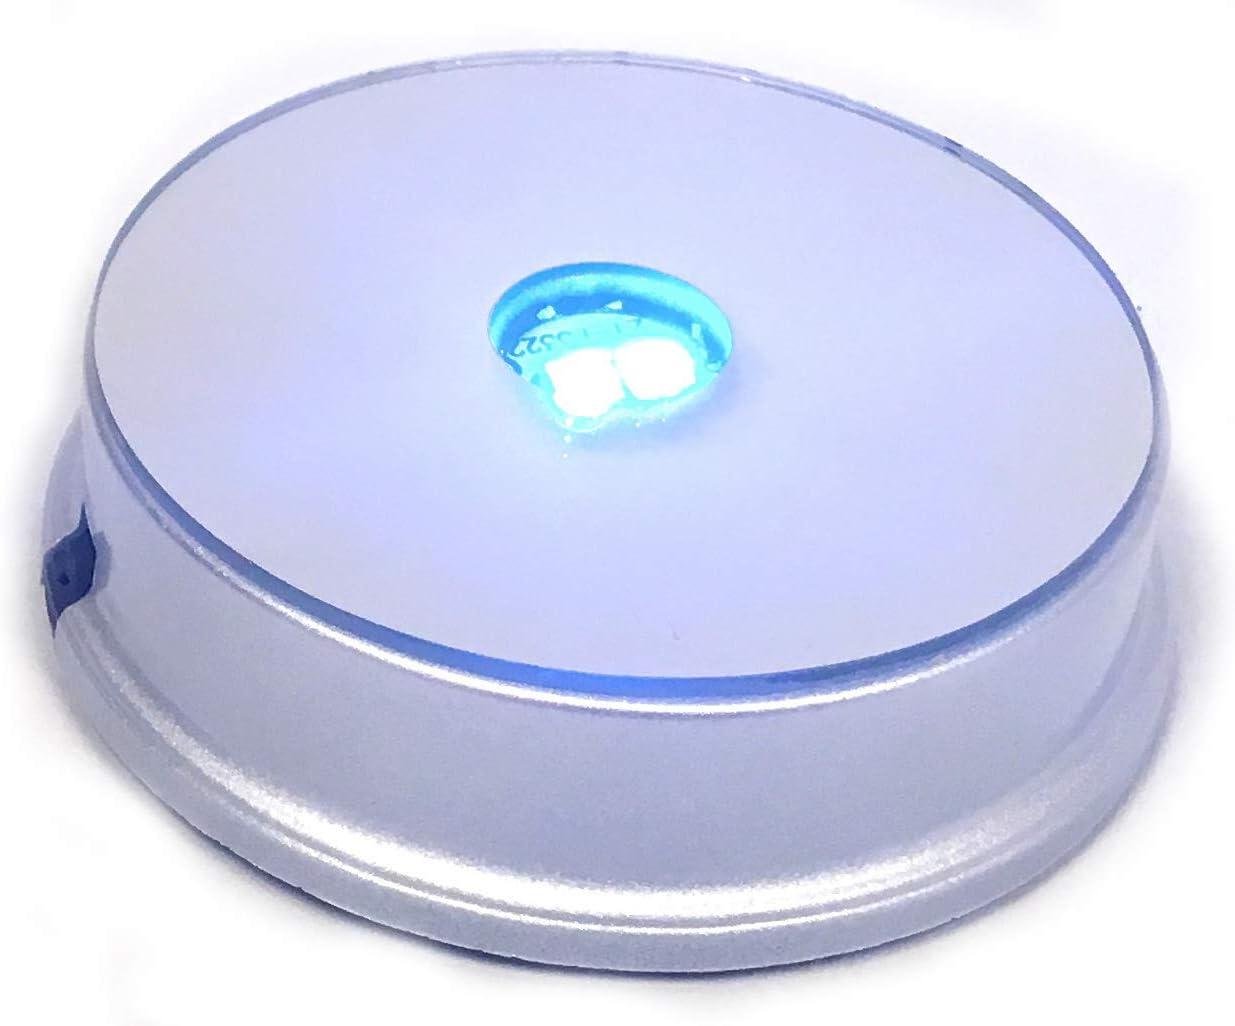 Selenite tower LED mirrored base light multi colored Light box 3x3 base Crystal Night Light Crystal base light Selenite Lamp